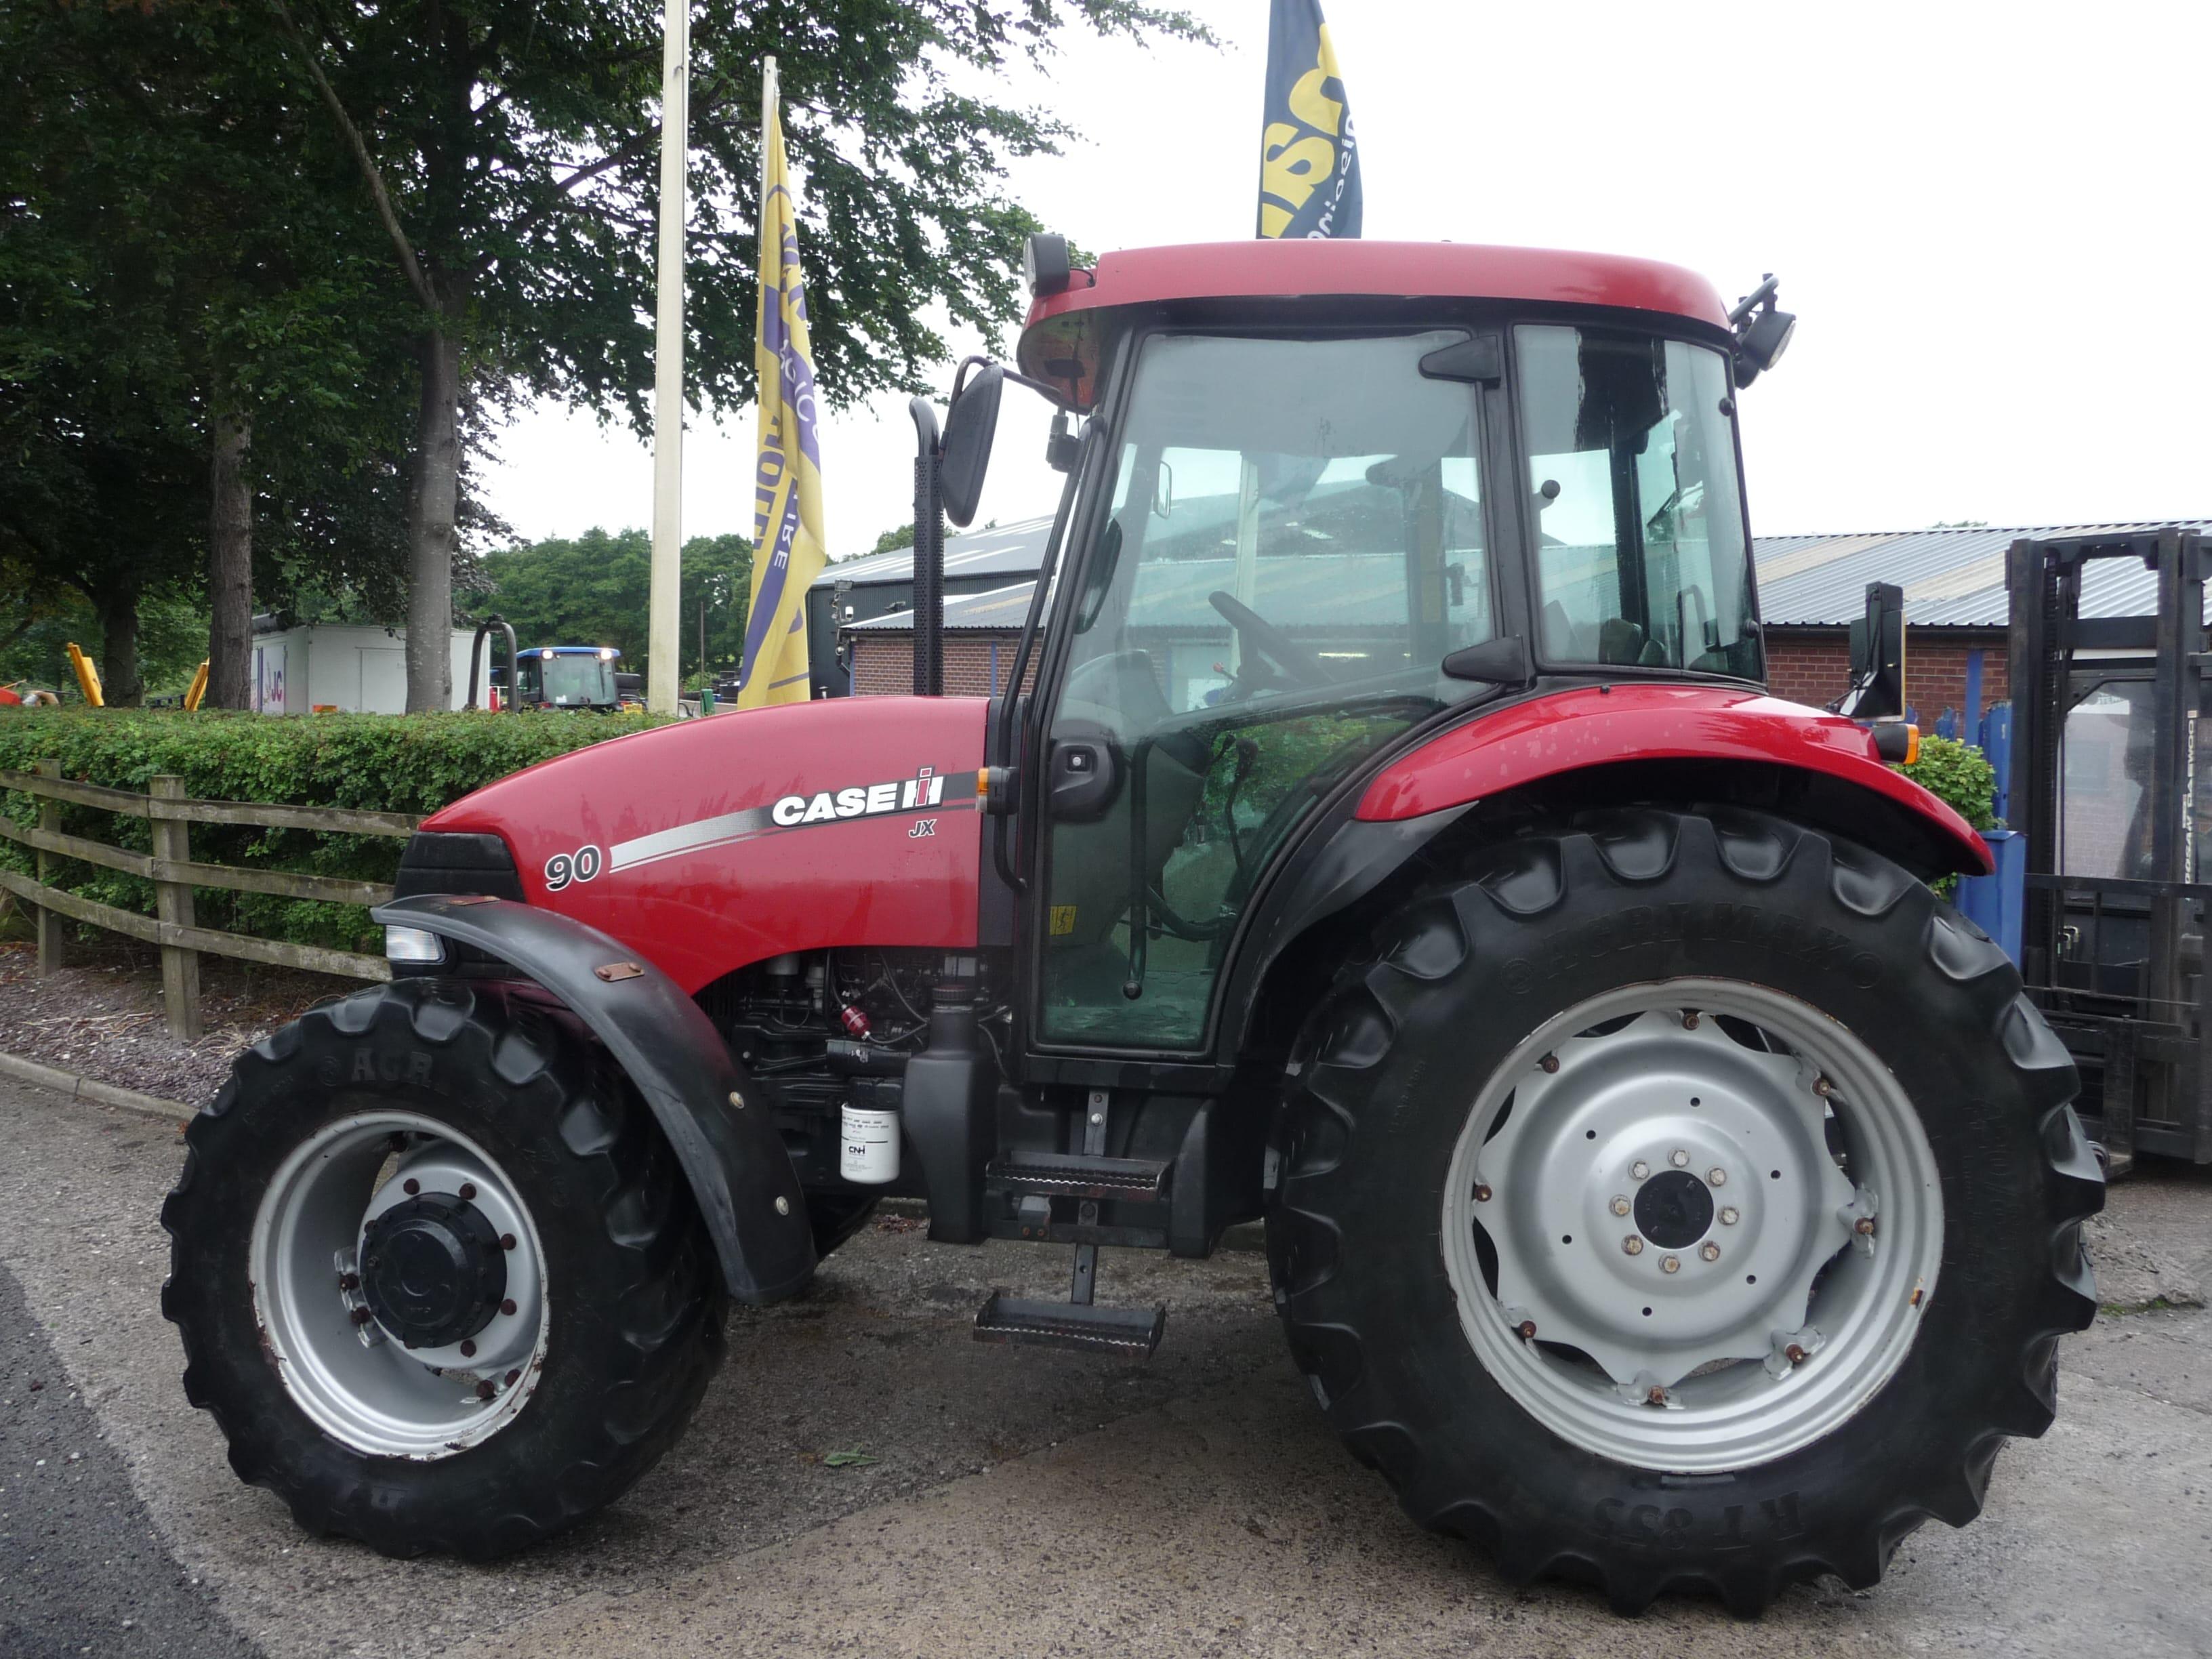 Case JX90 Tractor U3959